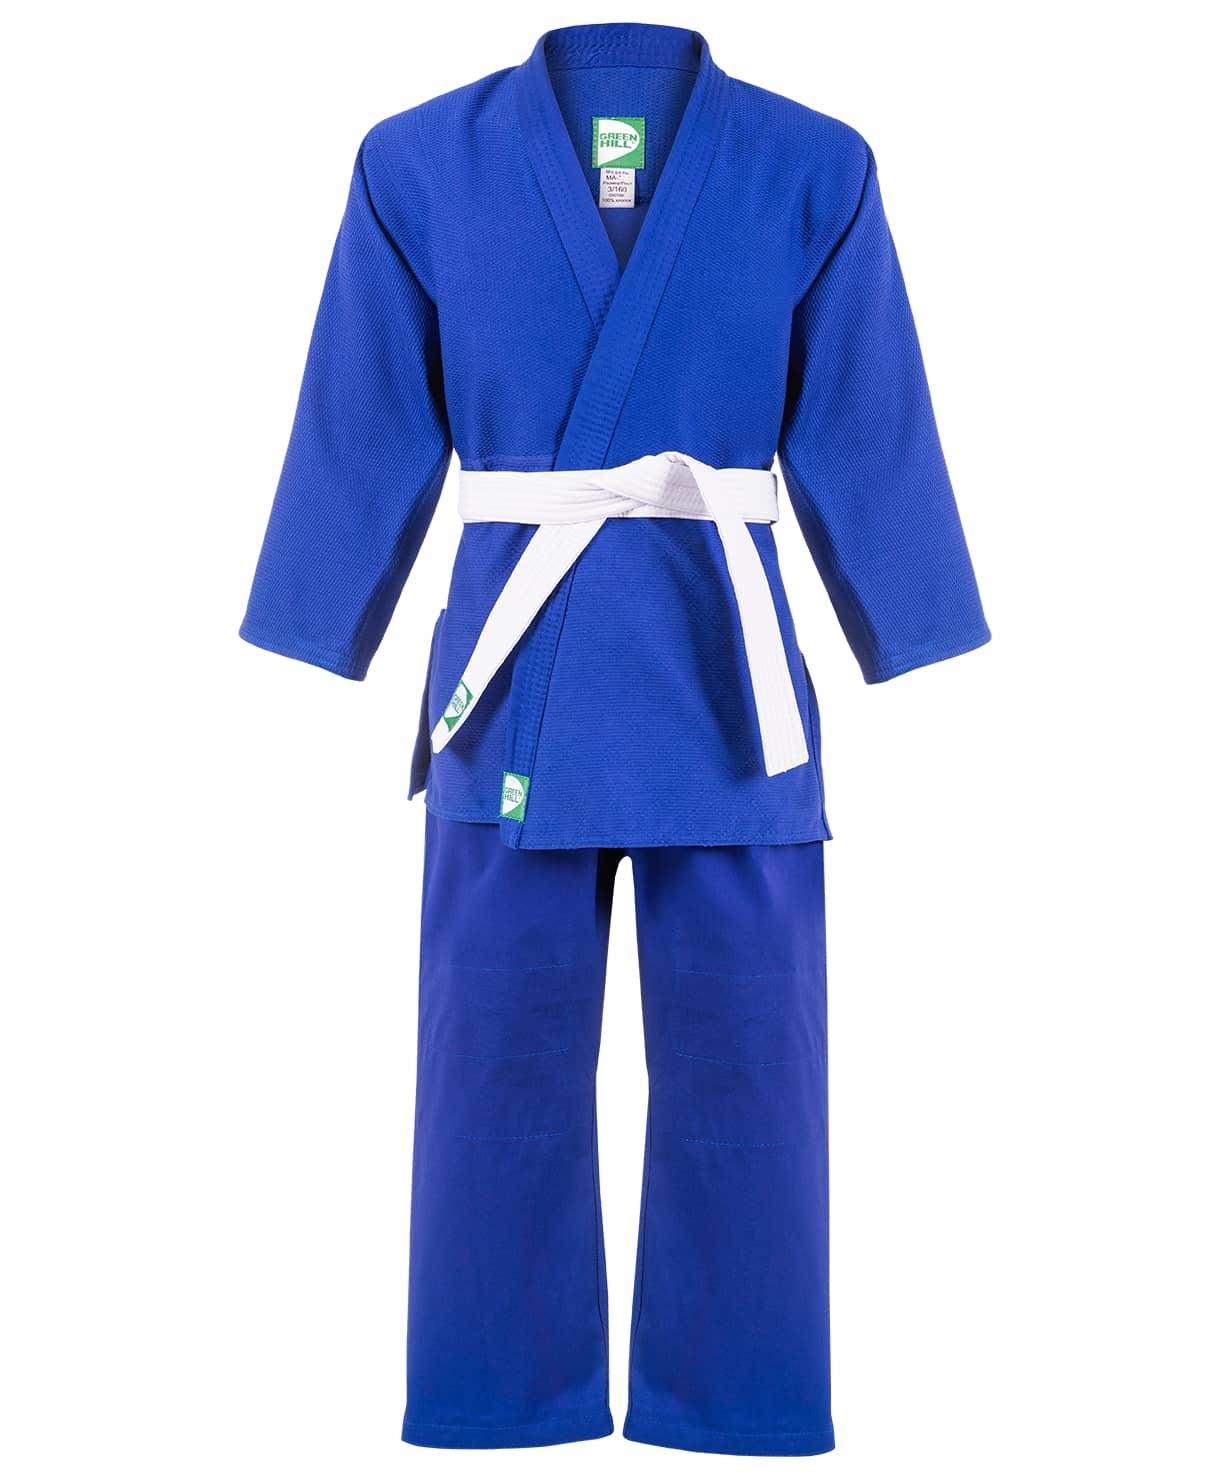 Кимоно для дзюдо MA-301, синий, р.2/150